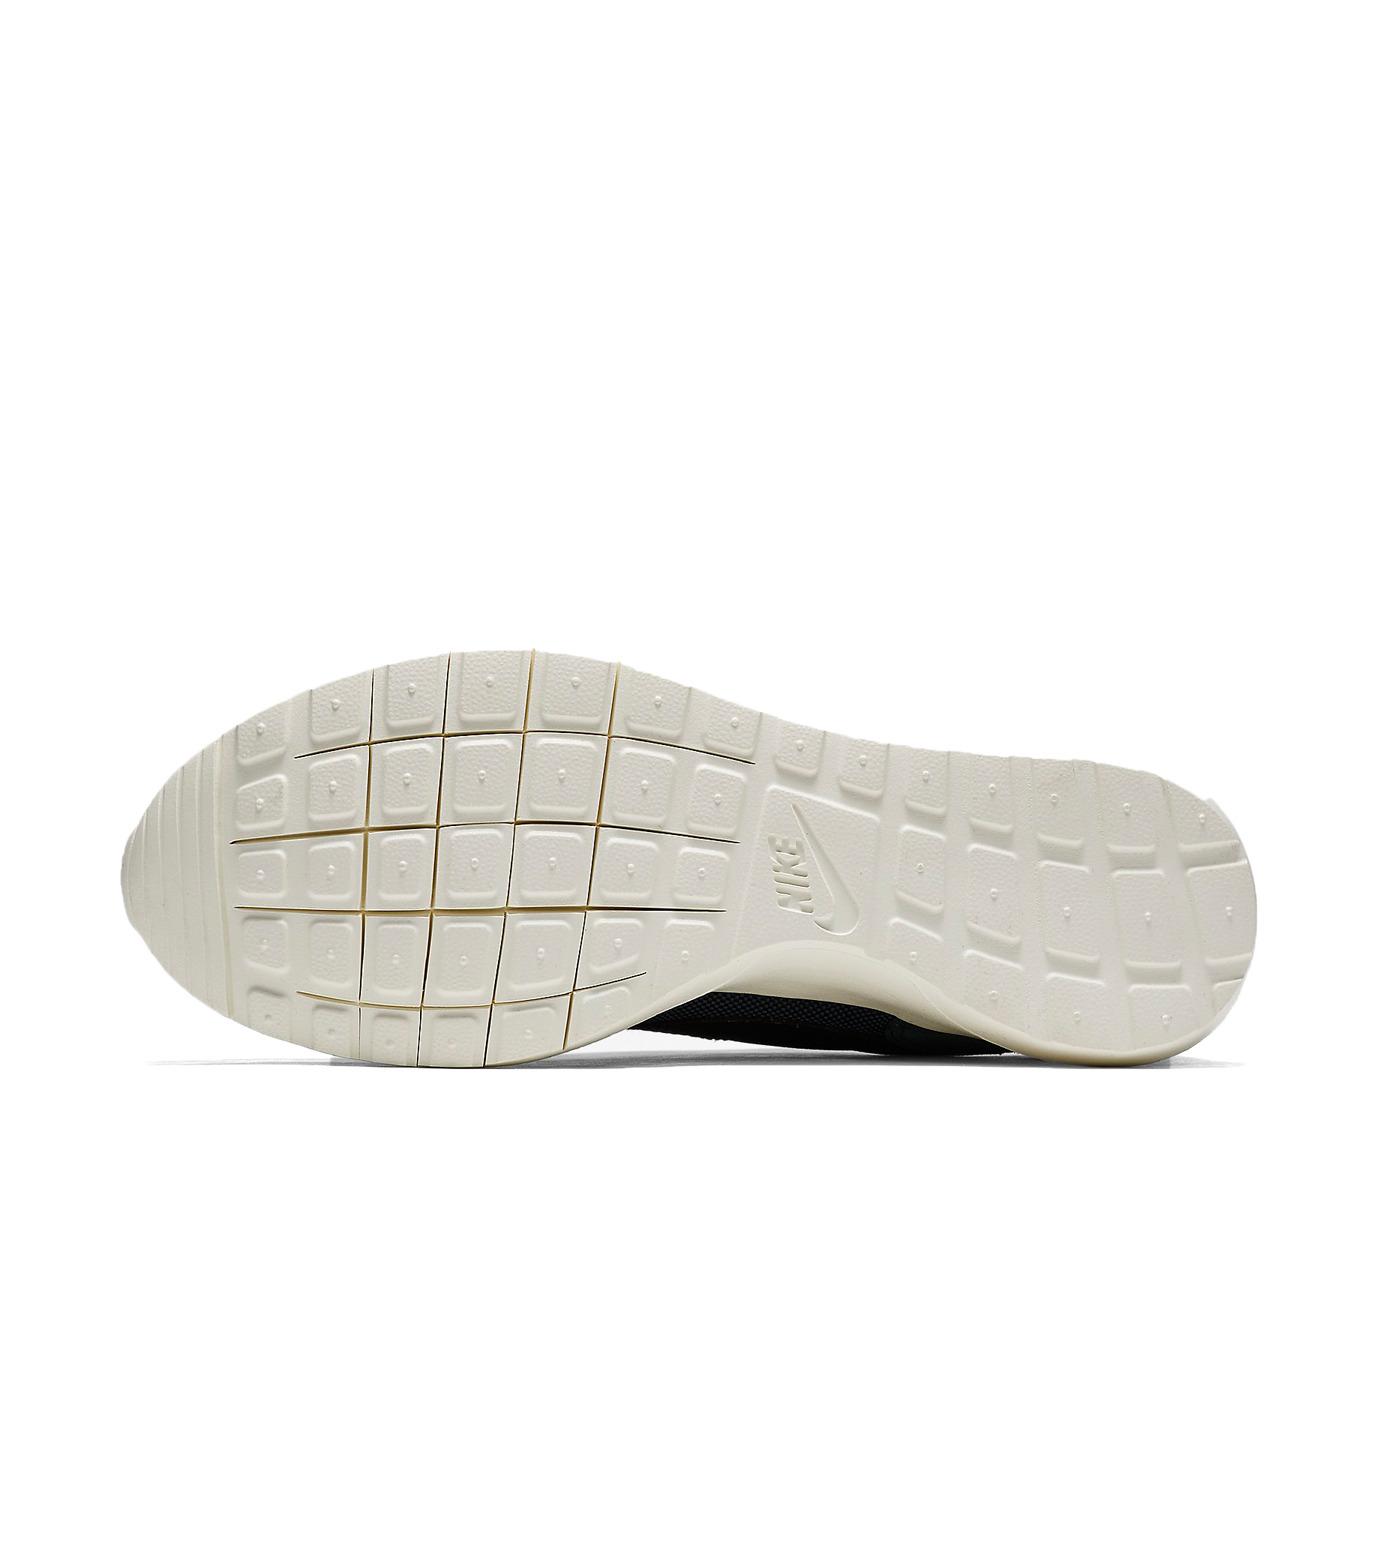 NIKE(ナイキ)のROSHE DBREAK NM-NAVY(シューズ/shoes)-826666-400-93 拡大詳細画像2